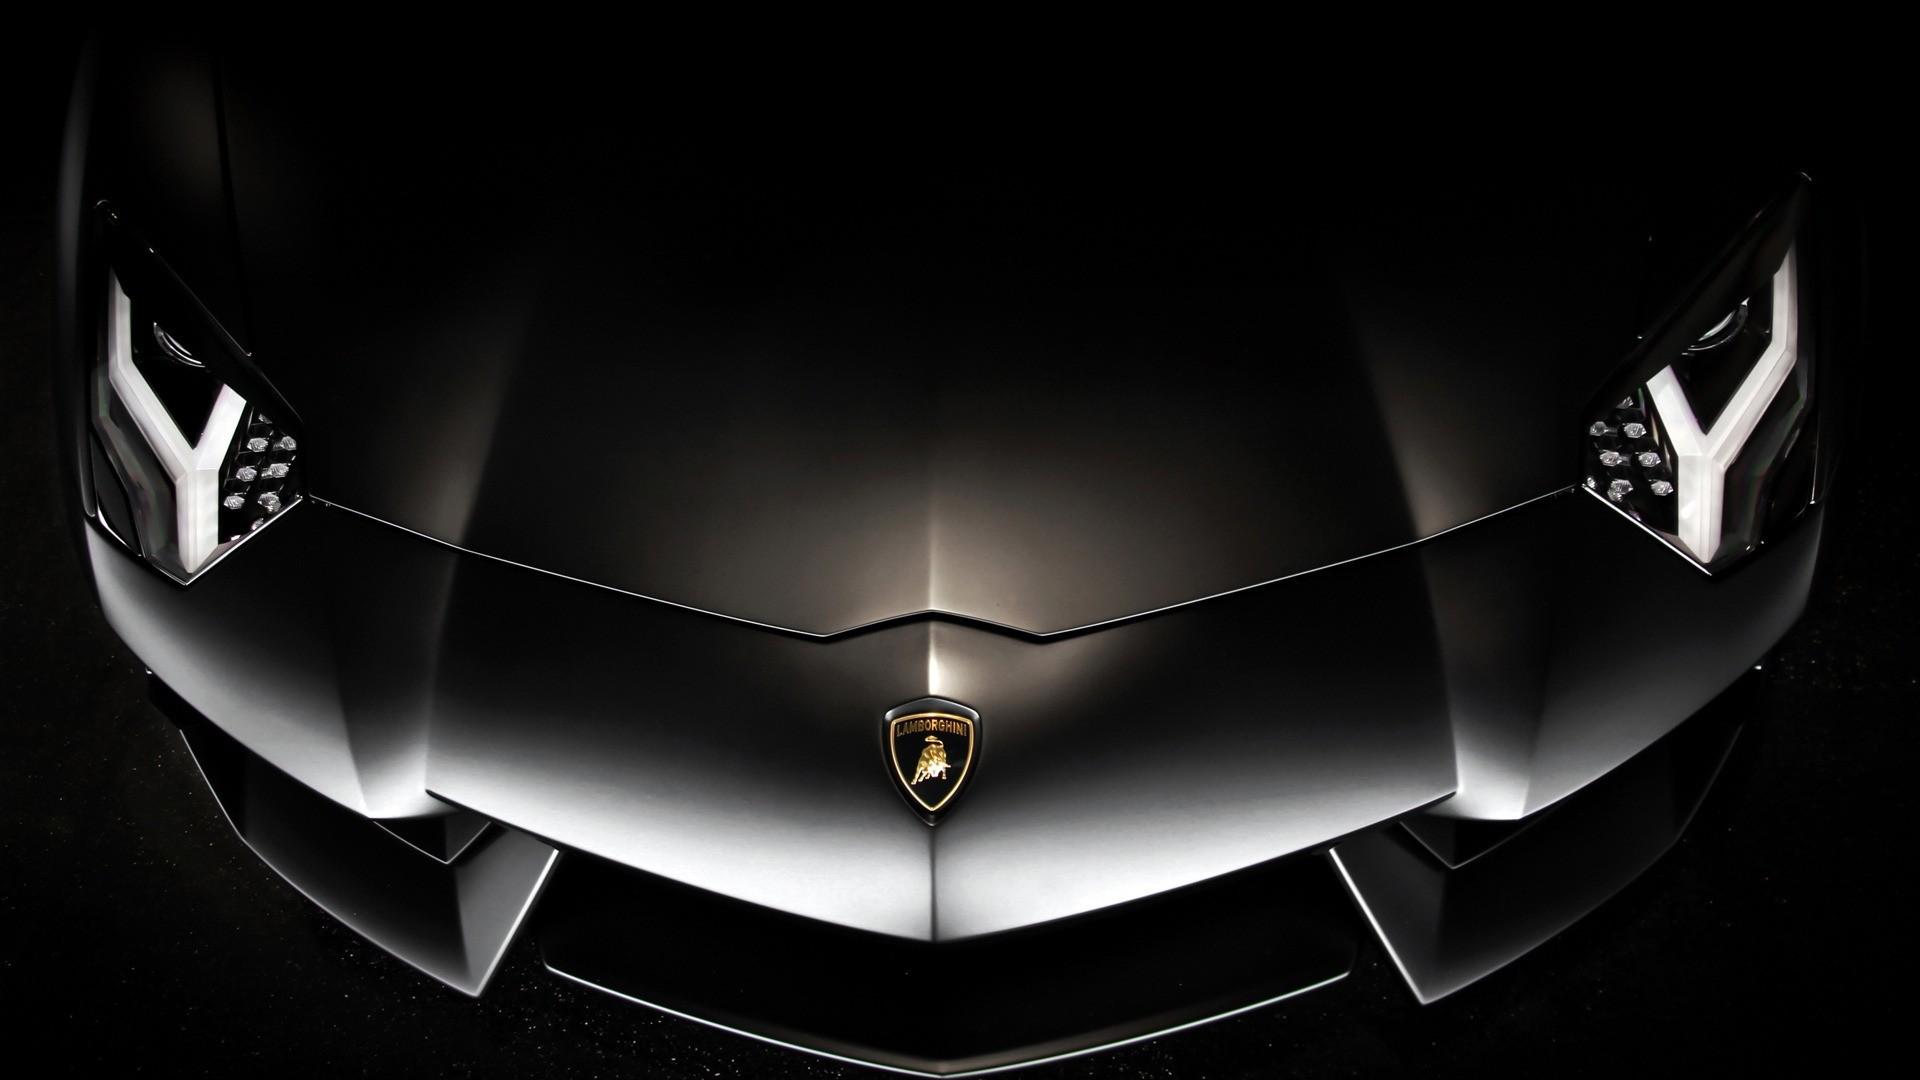 Lamborghini Aventador Wallpaper Free #jU2